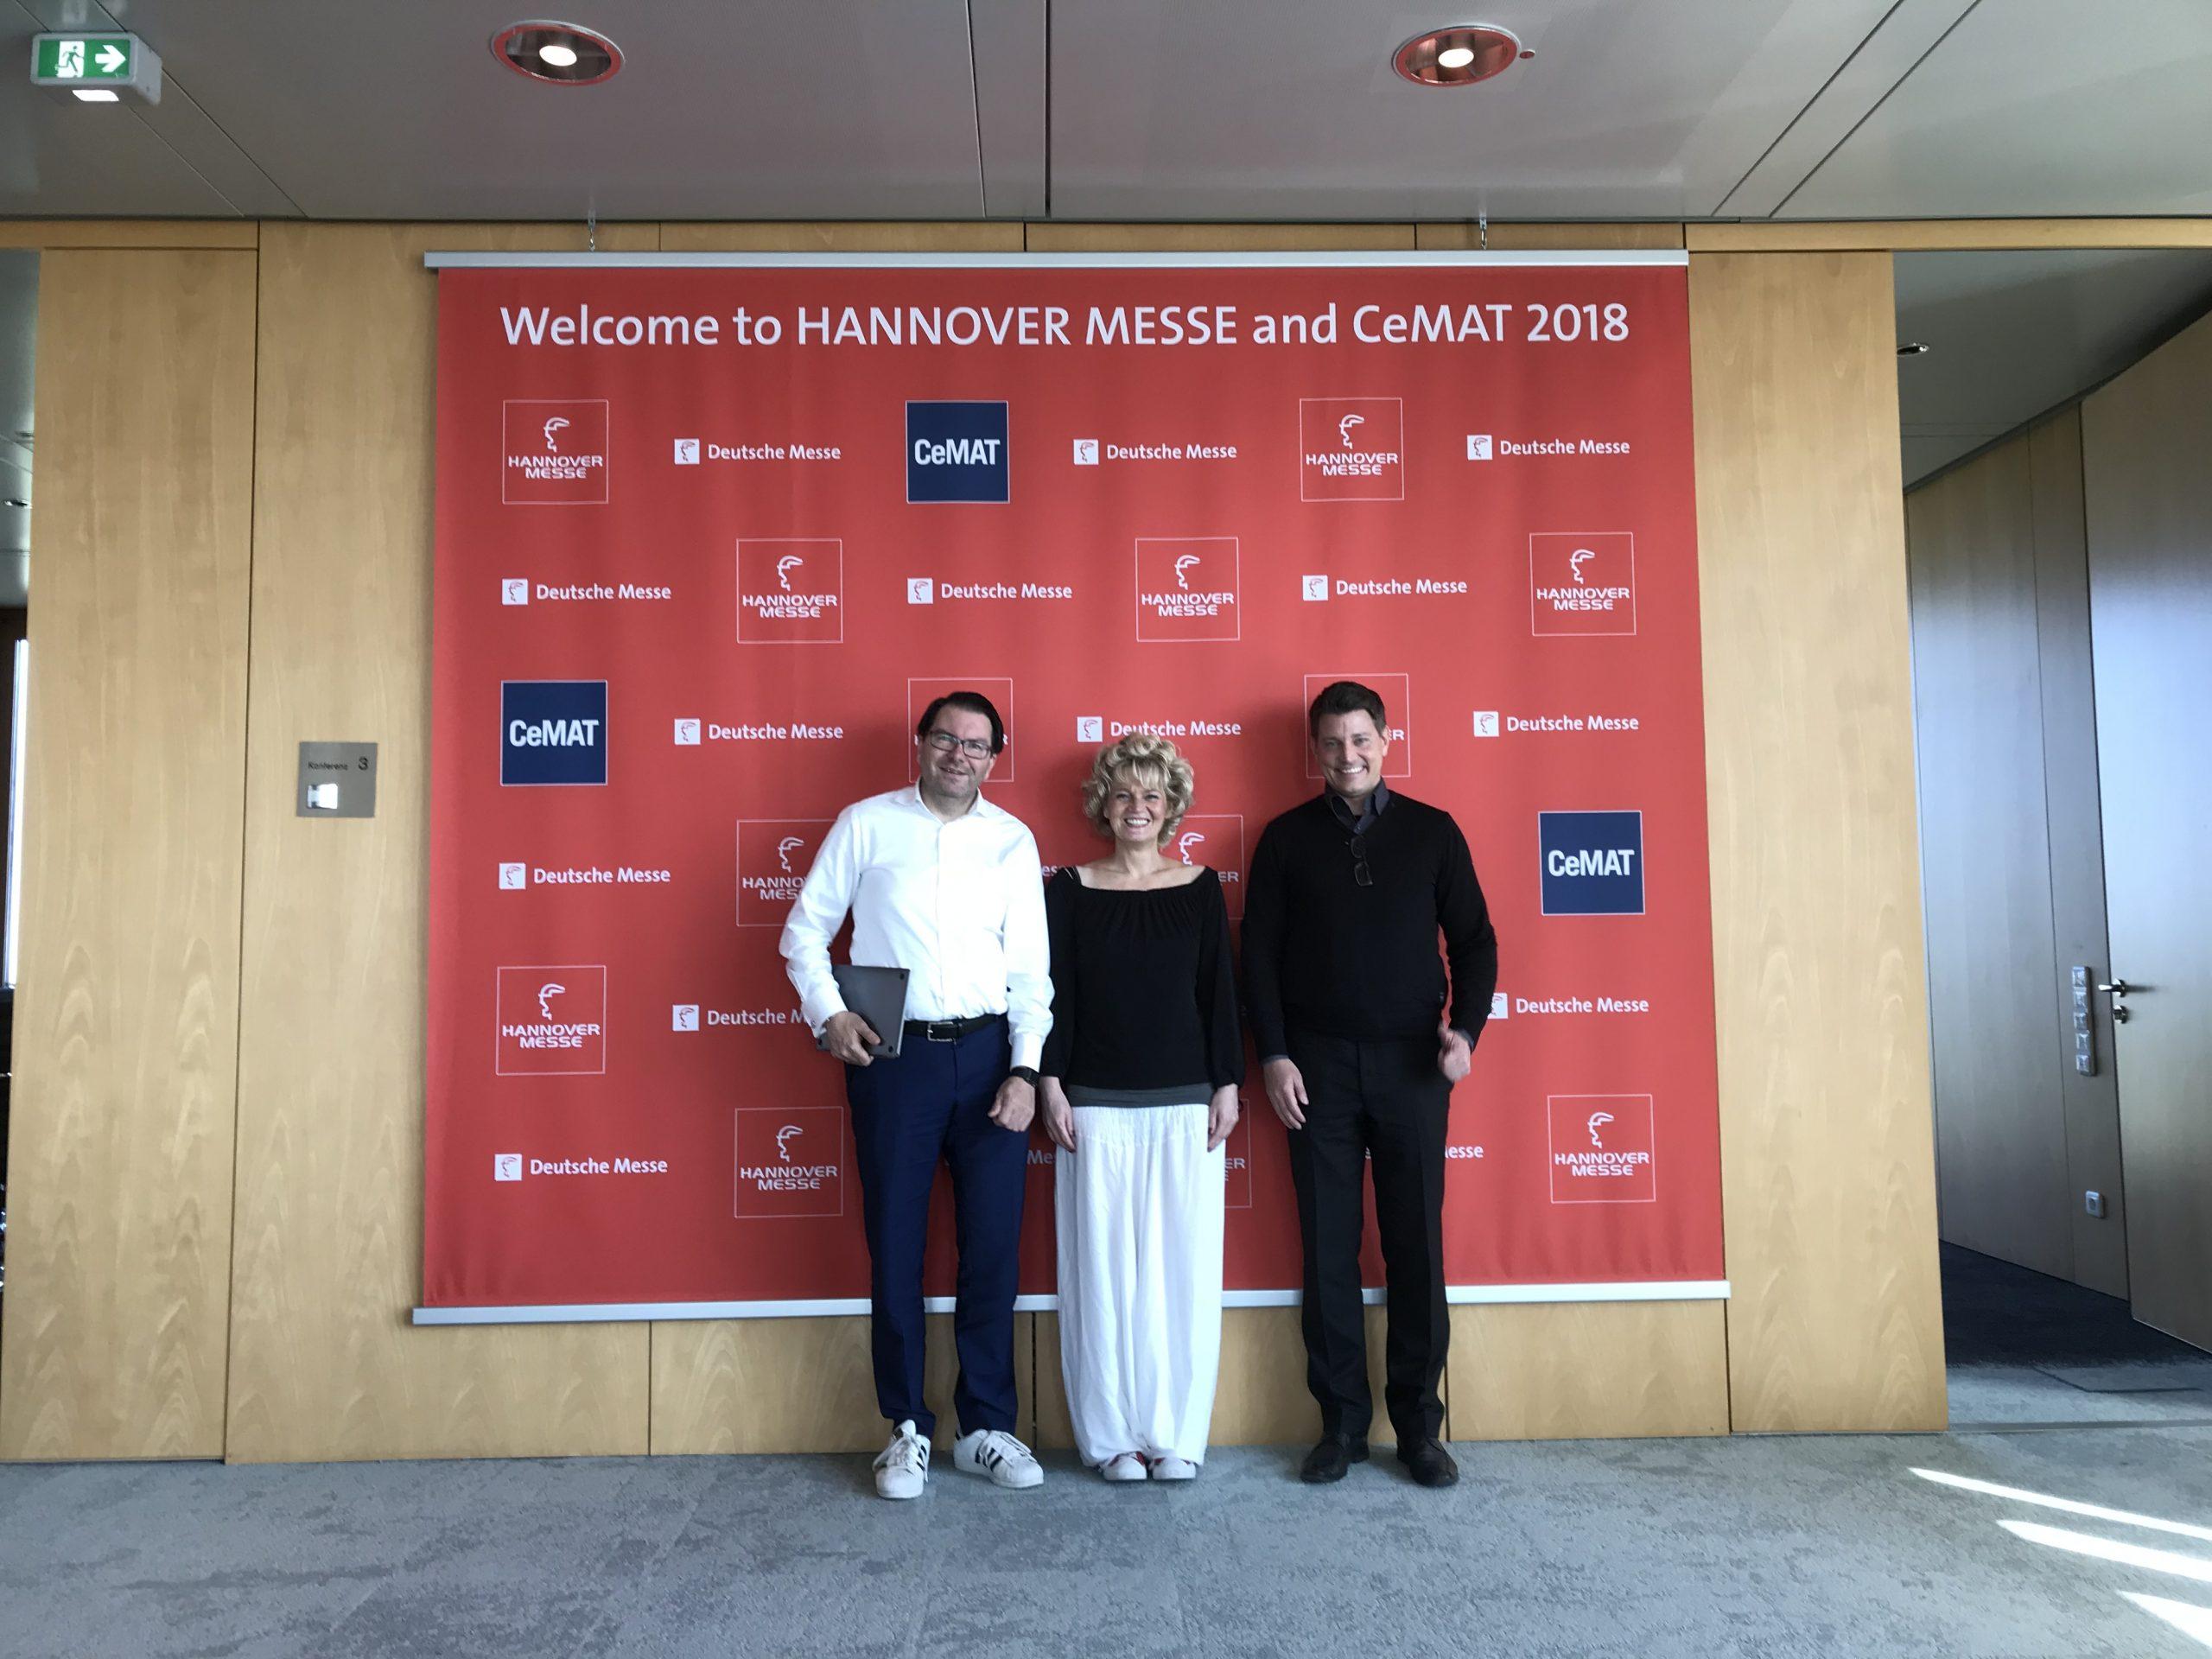 Deutsche Messe Hannover